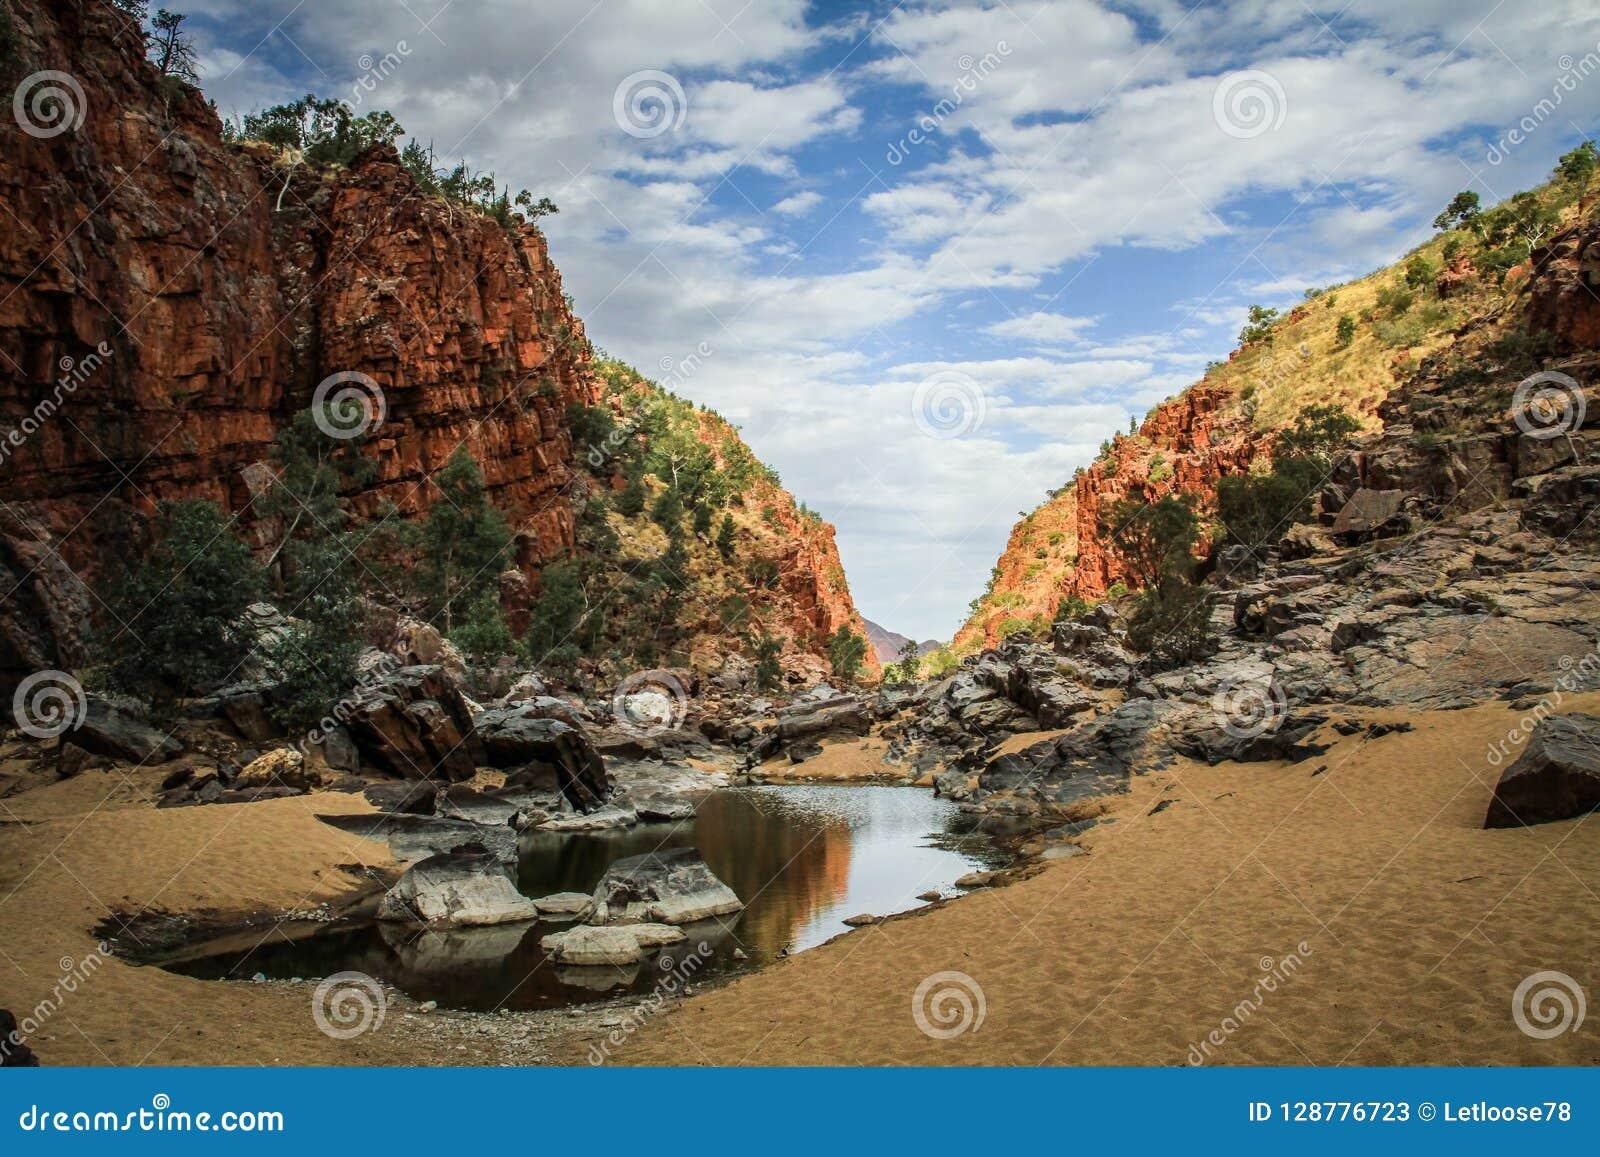 西部麦克唐奈范围的奥尔莫克峡谷,北方领土,澳大利亚,